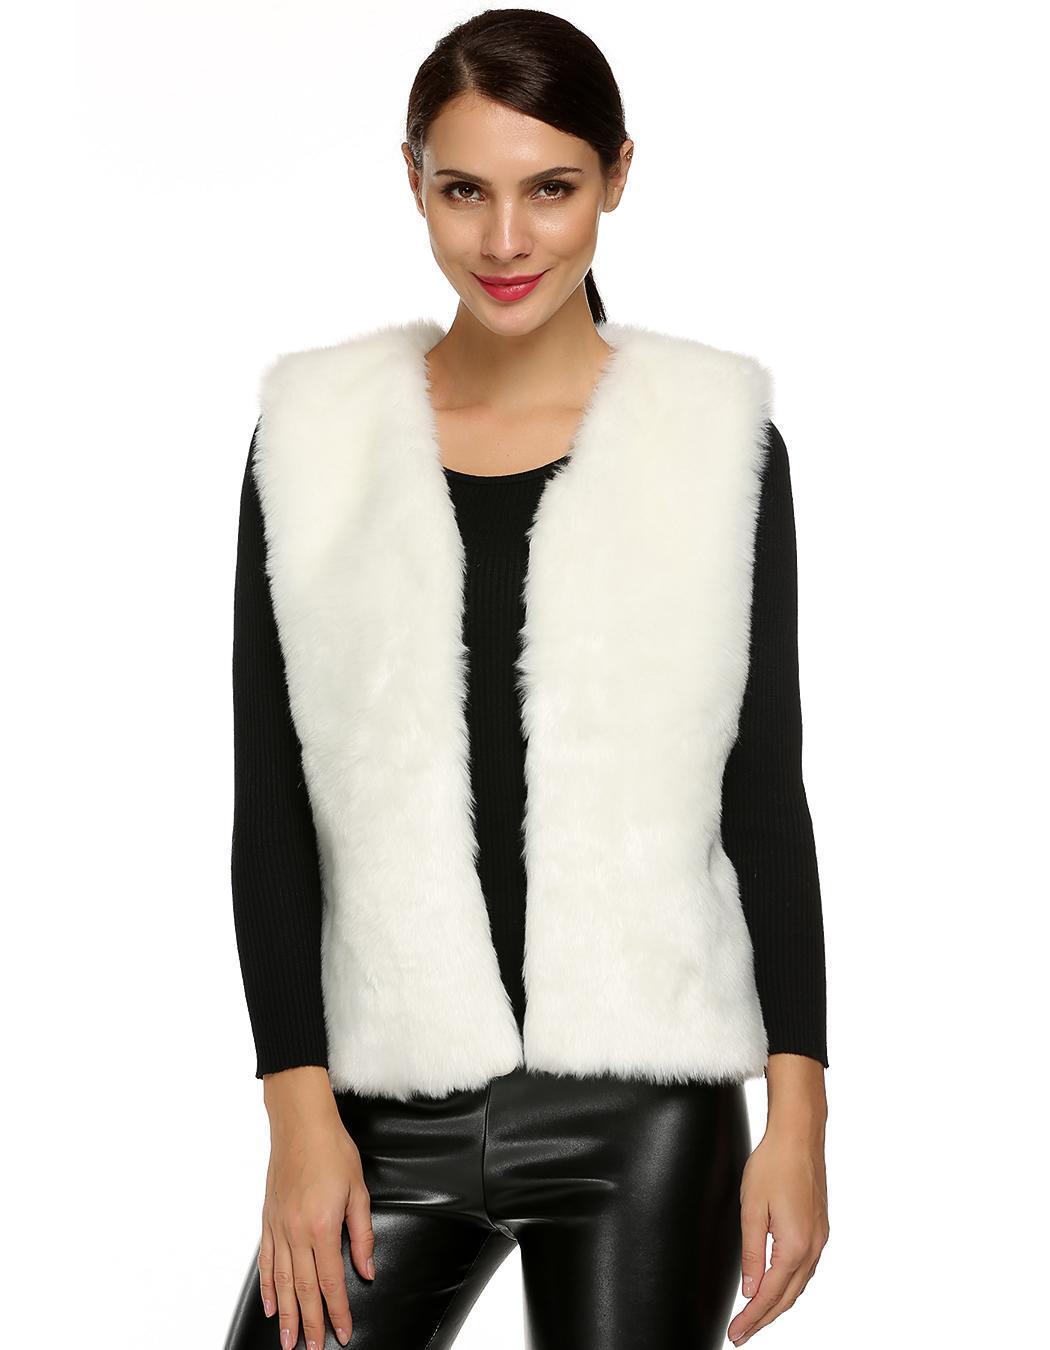 Women Sleeveless Casual Faux Fur Vest Warm Coat 2